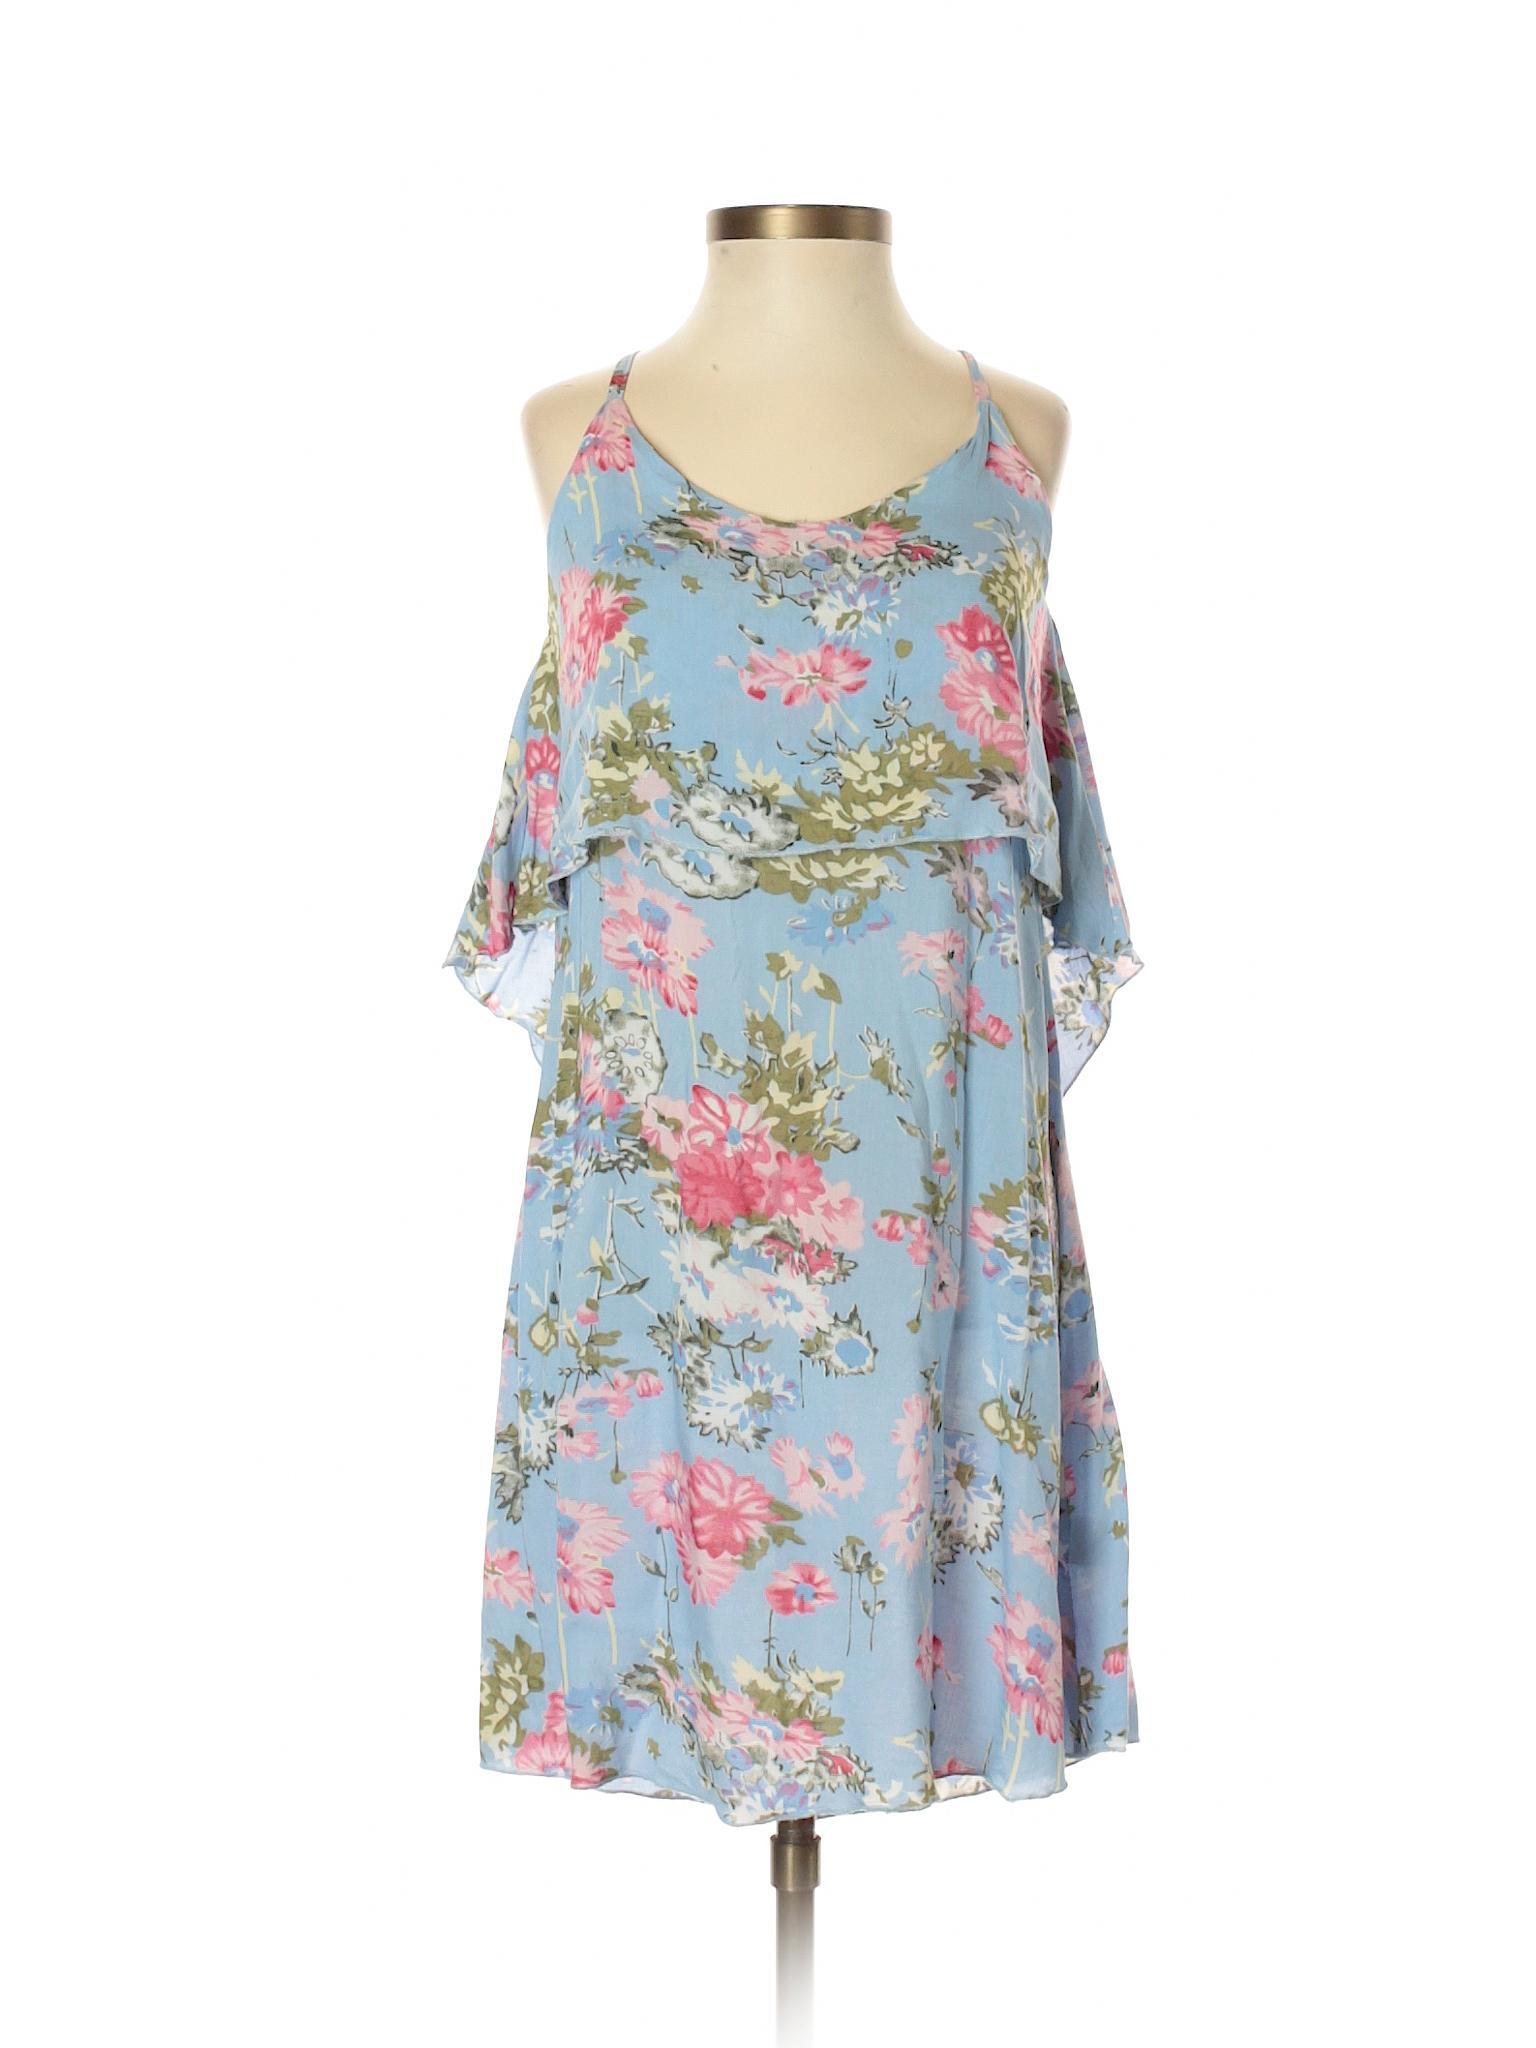 Elan Selling Dress Dress Dress Casual Casual Selling Elan Casual Selling Selling Elan nn1wzxqE6f